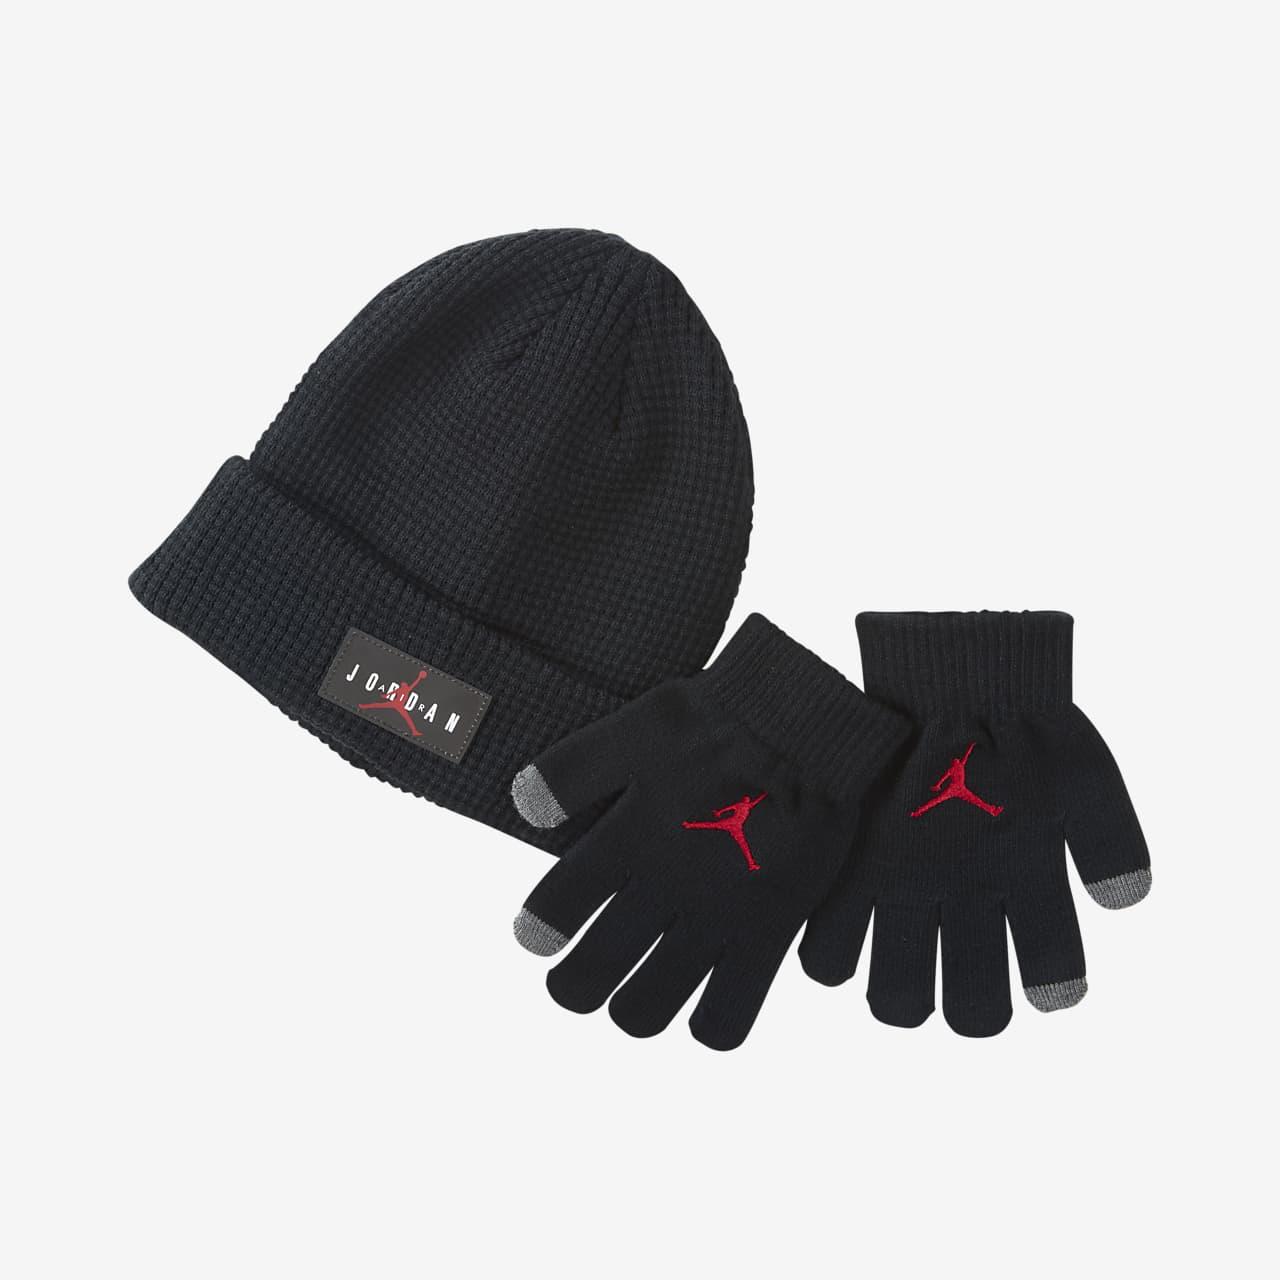 Completo berretto e guanti Jordan - Ragazzi